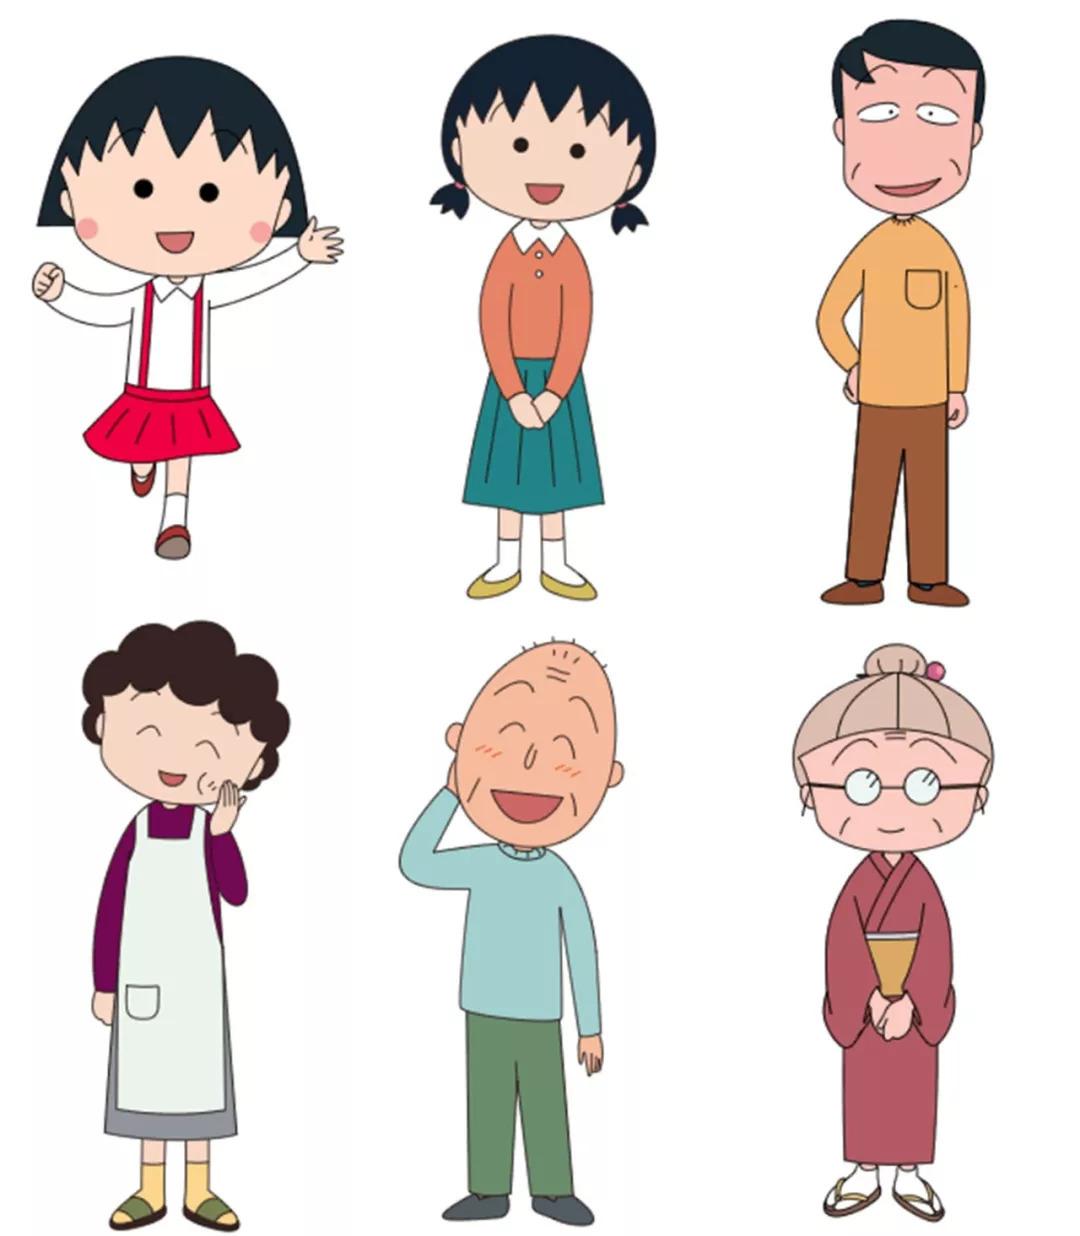 樱桃小丸子的姐姐_小丸子的家人,依次是樱桃子(小丸子),姐姐樱杏子,爸爸樱宏志,妈妈